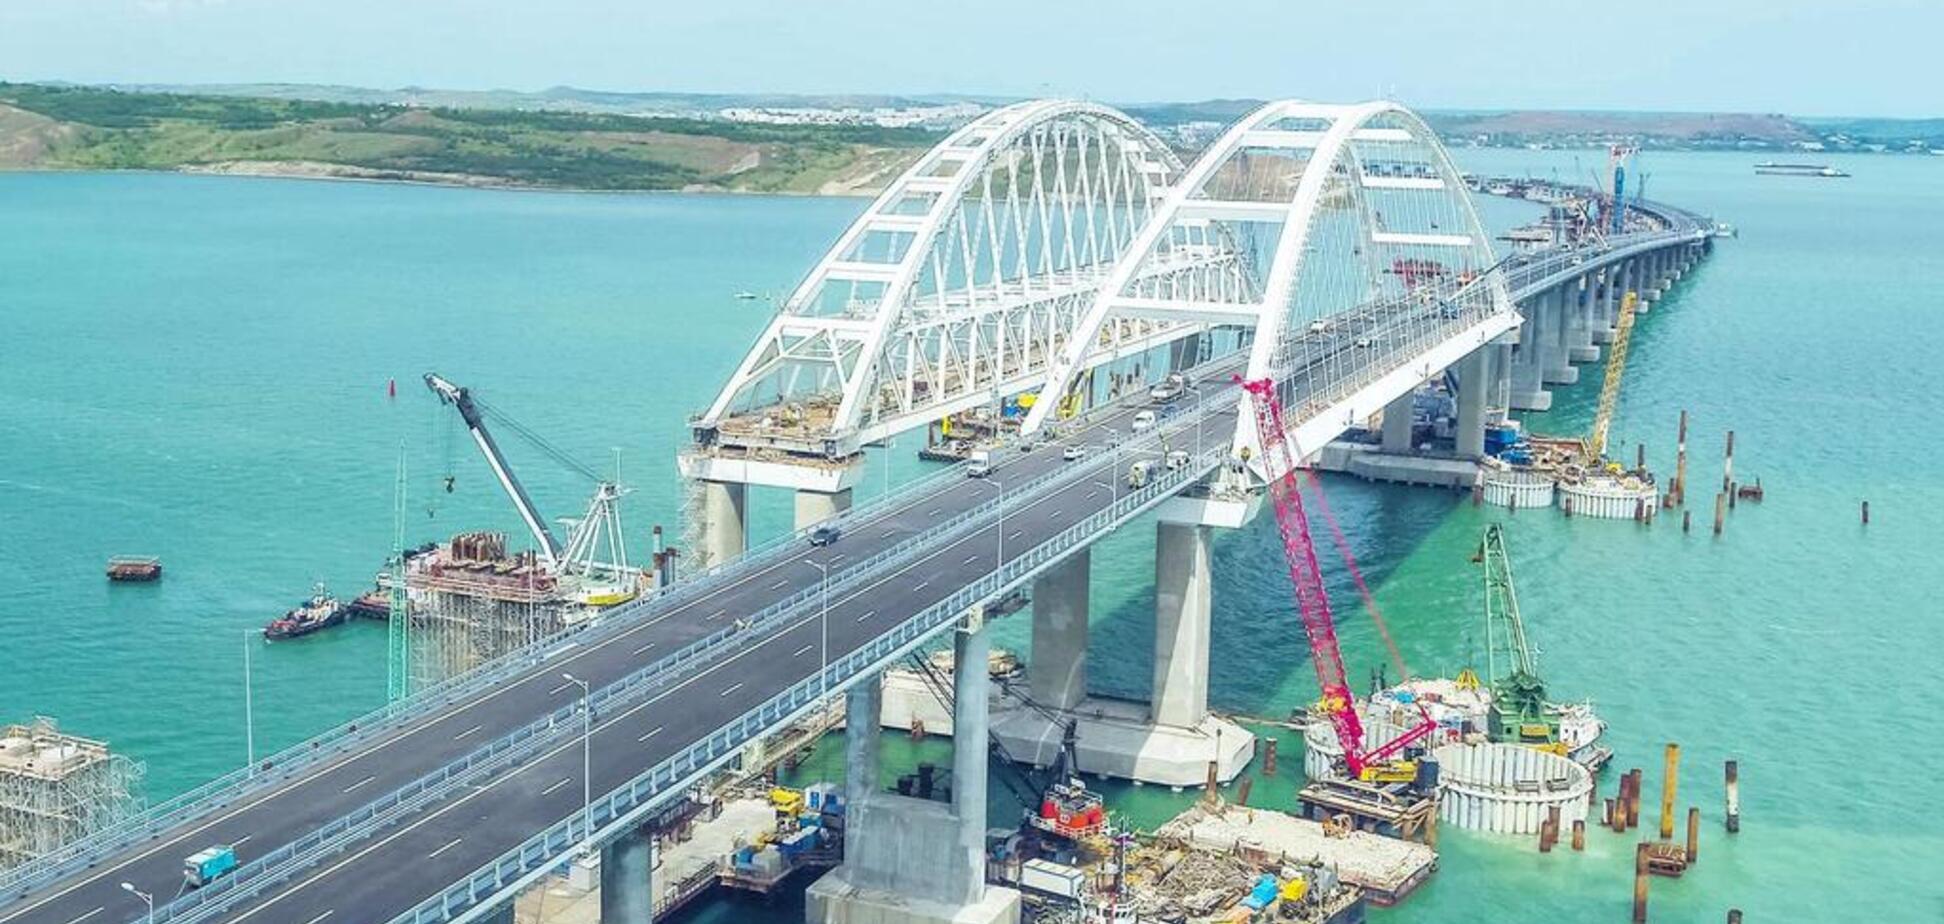 Кримський міст просів: у мережі почали бити на сполох через екокатастрофу